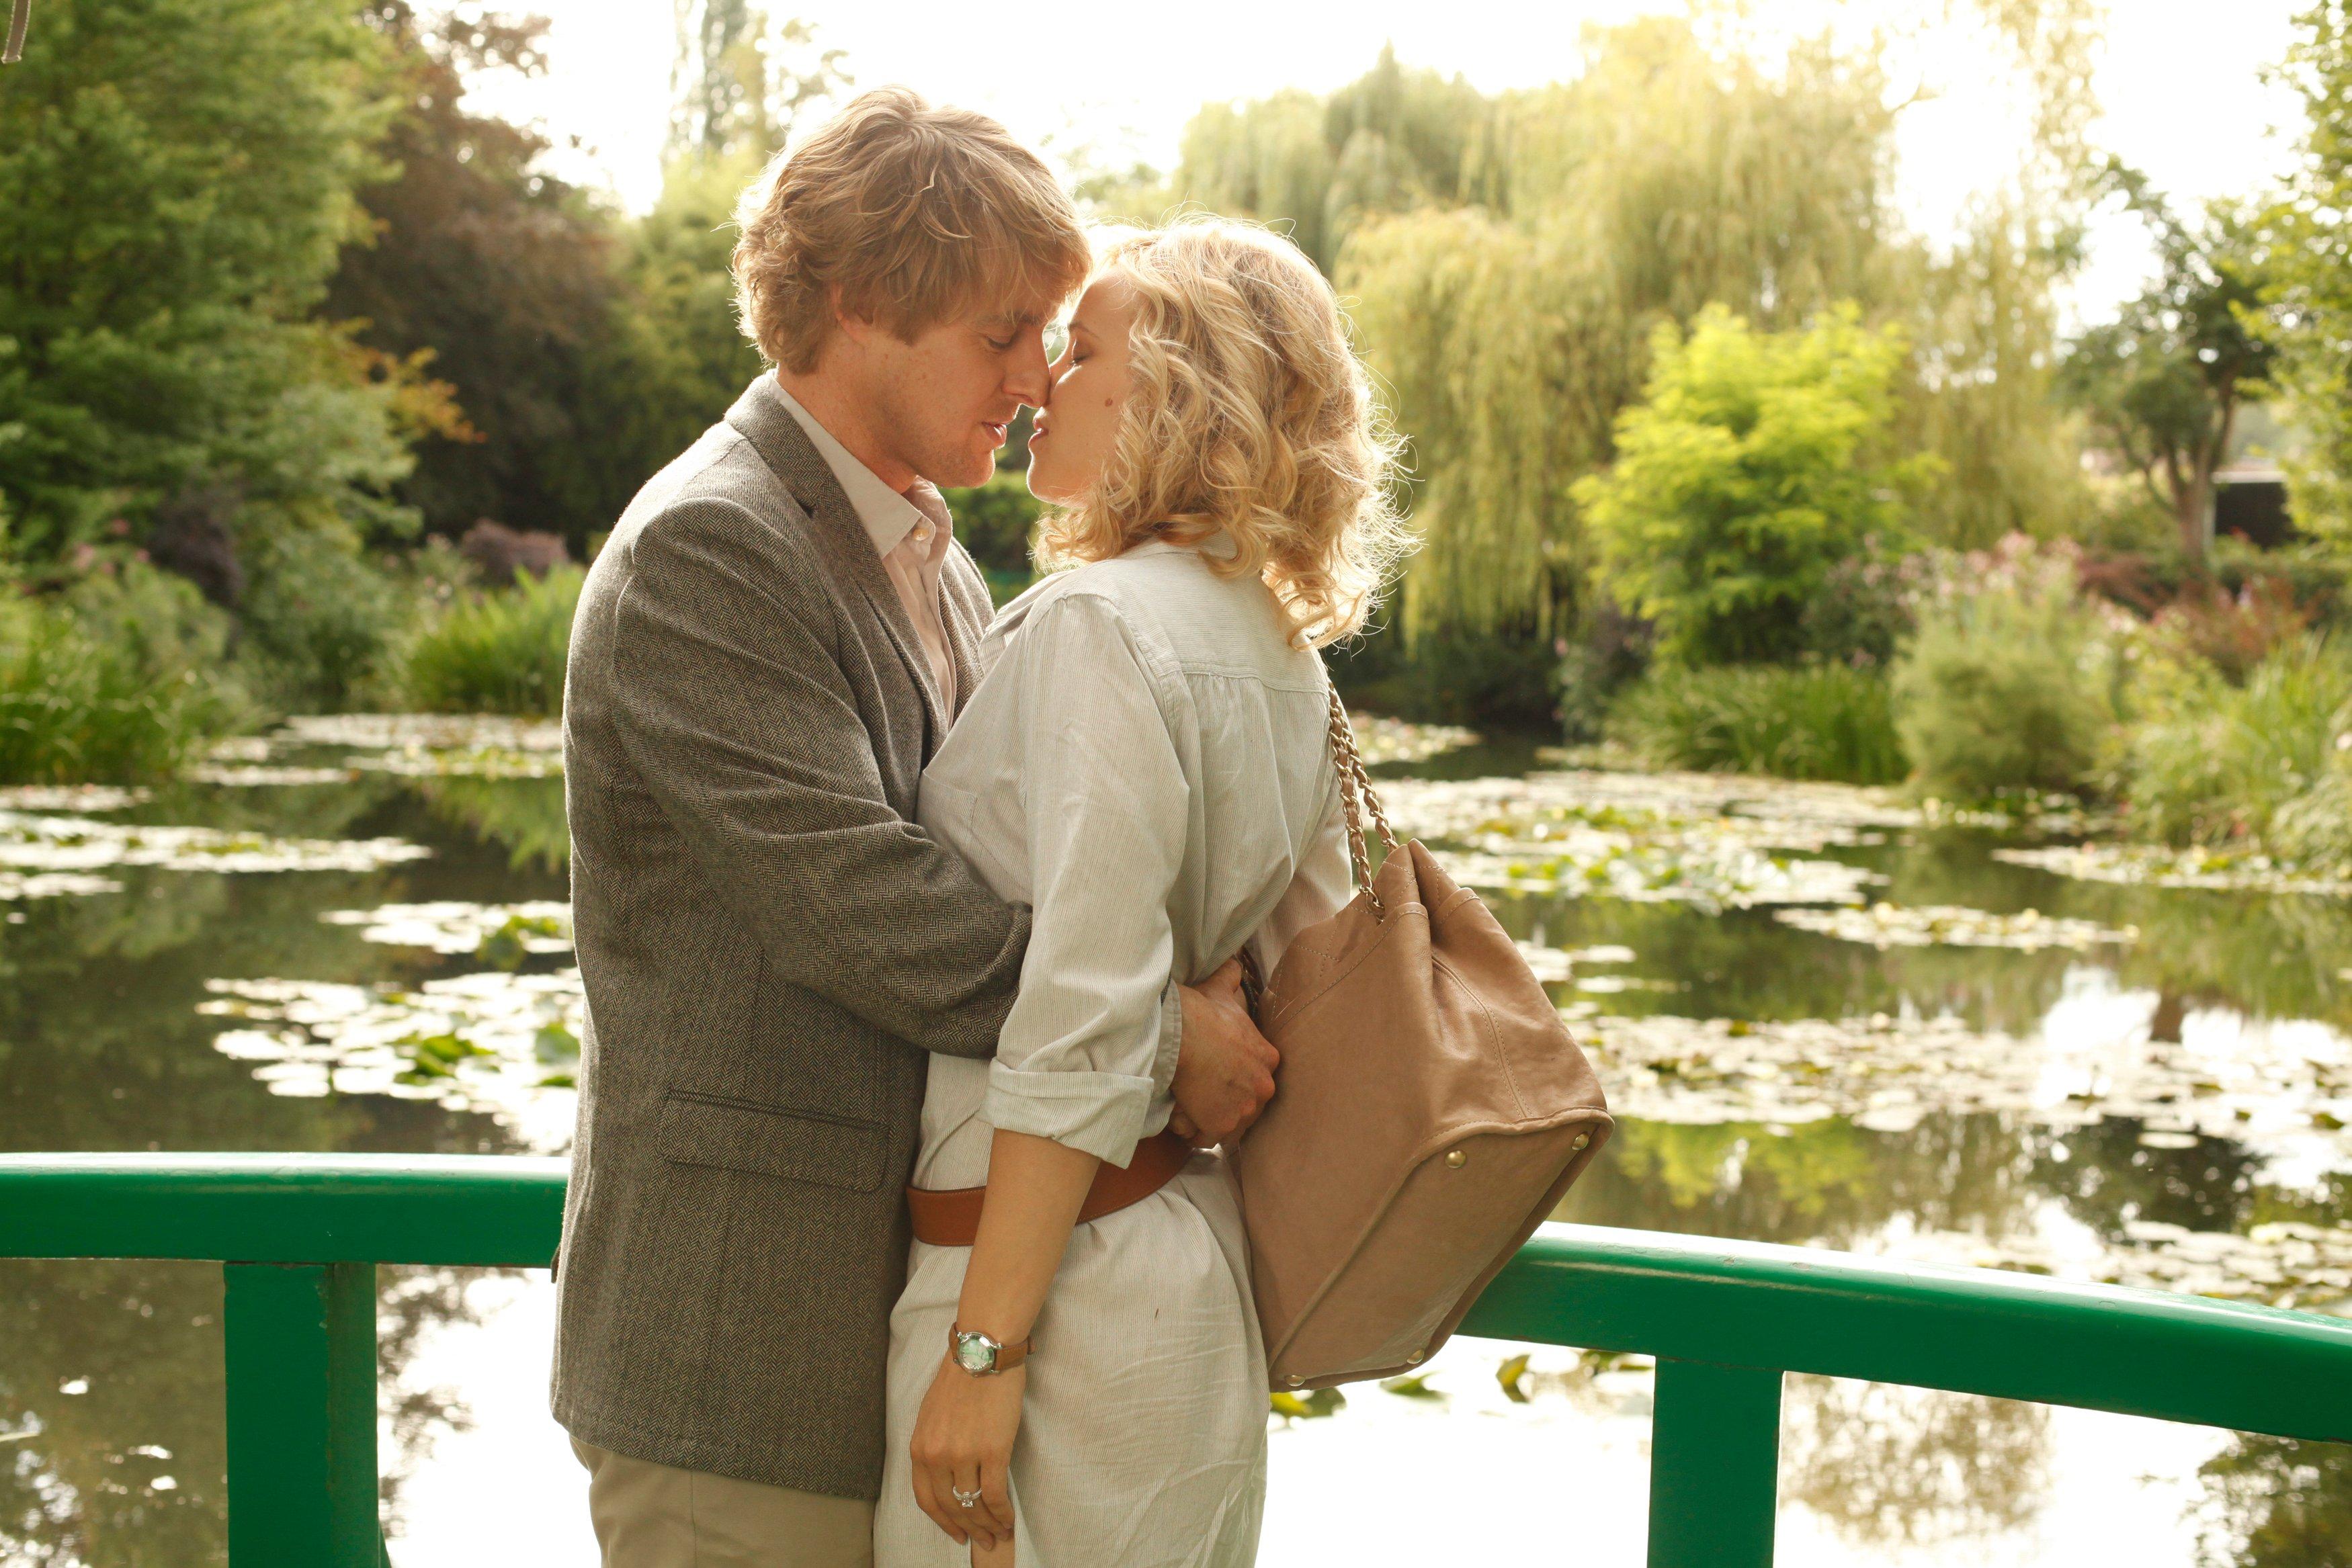 Owen Wilson and Rachel McAdams in 'Midnight in Paris'